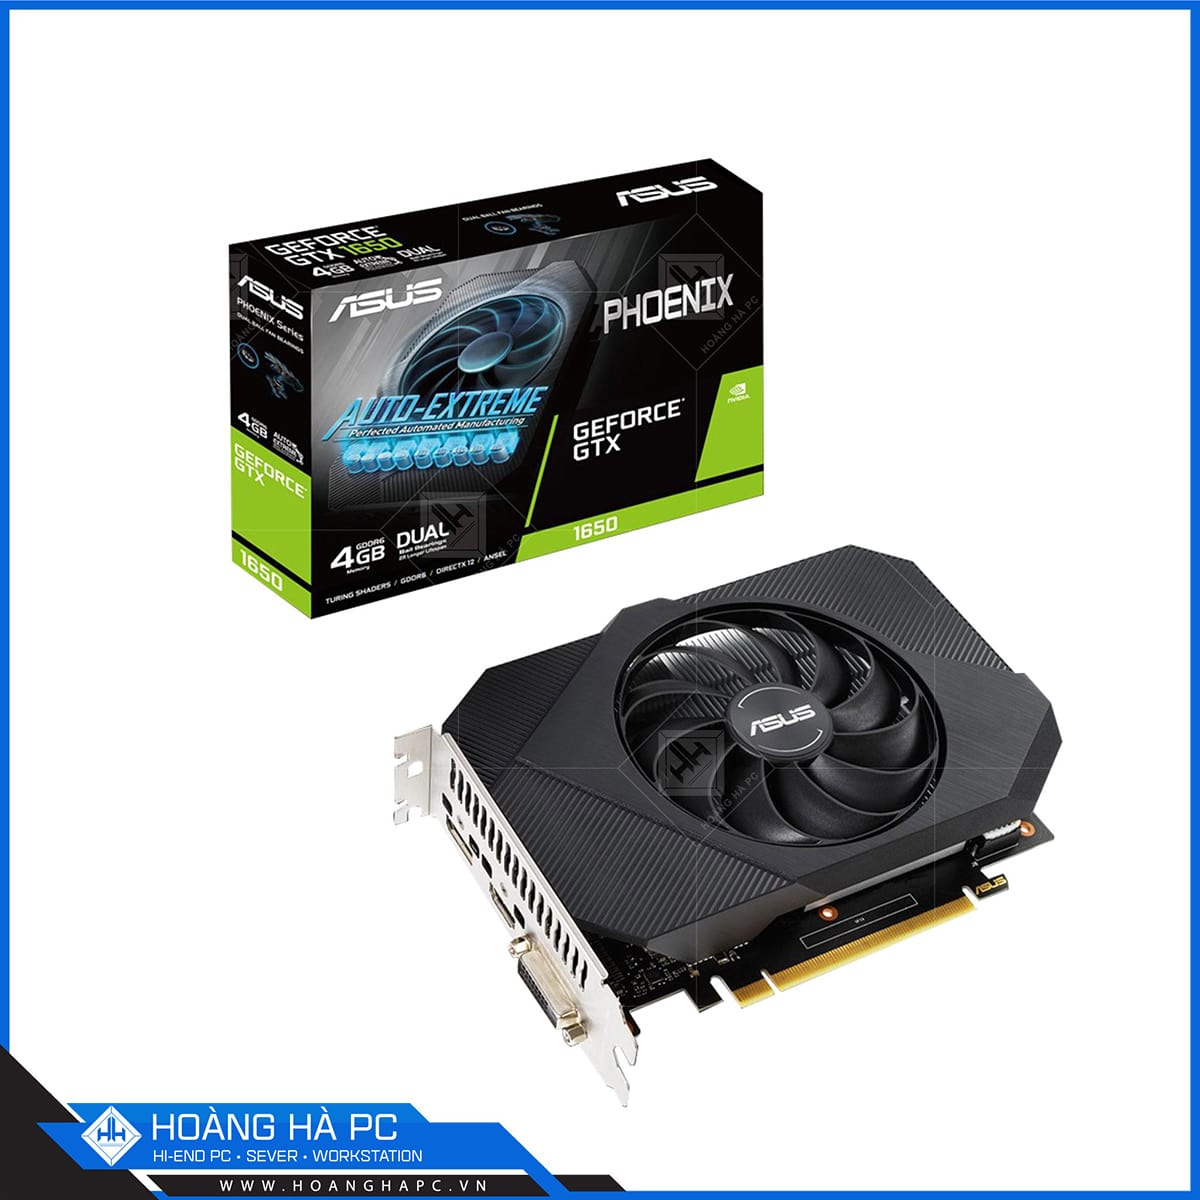 ASUS Geforce GTX 1650 4GB GDDR6 Phoenix